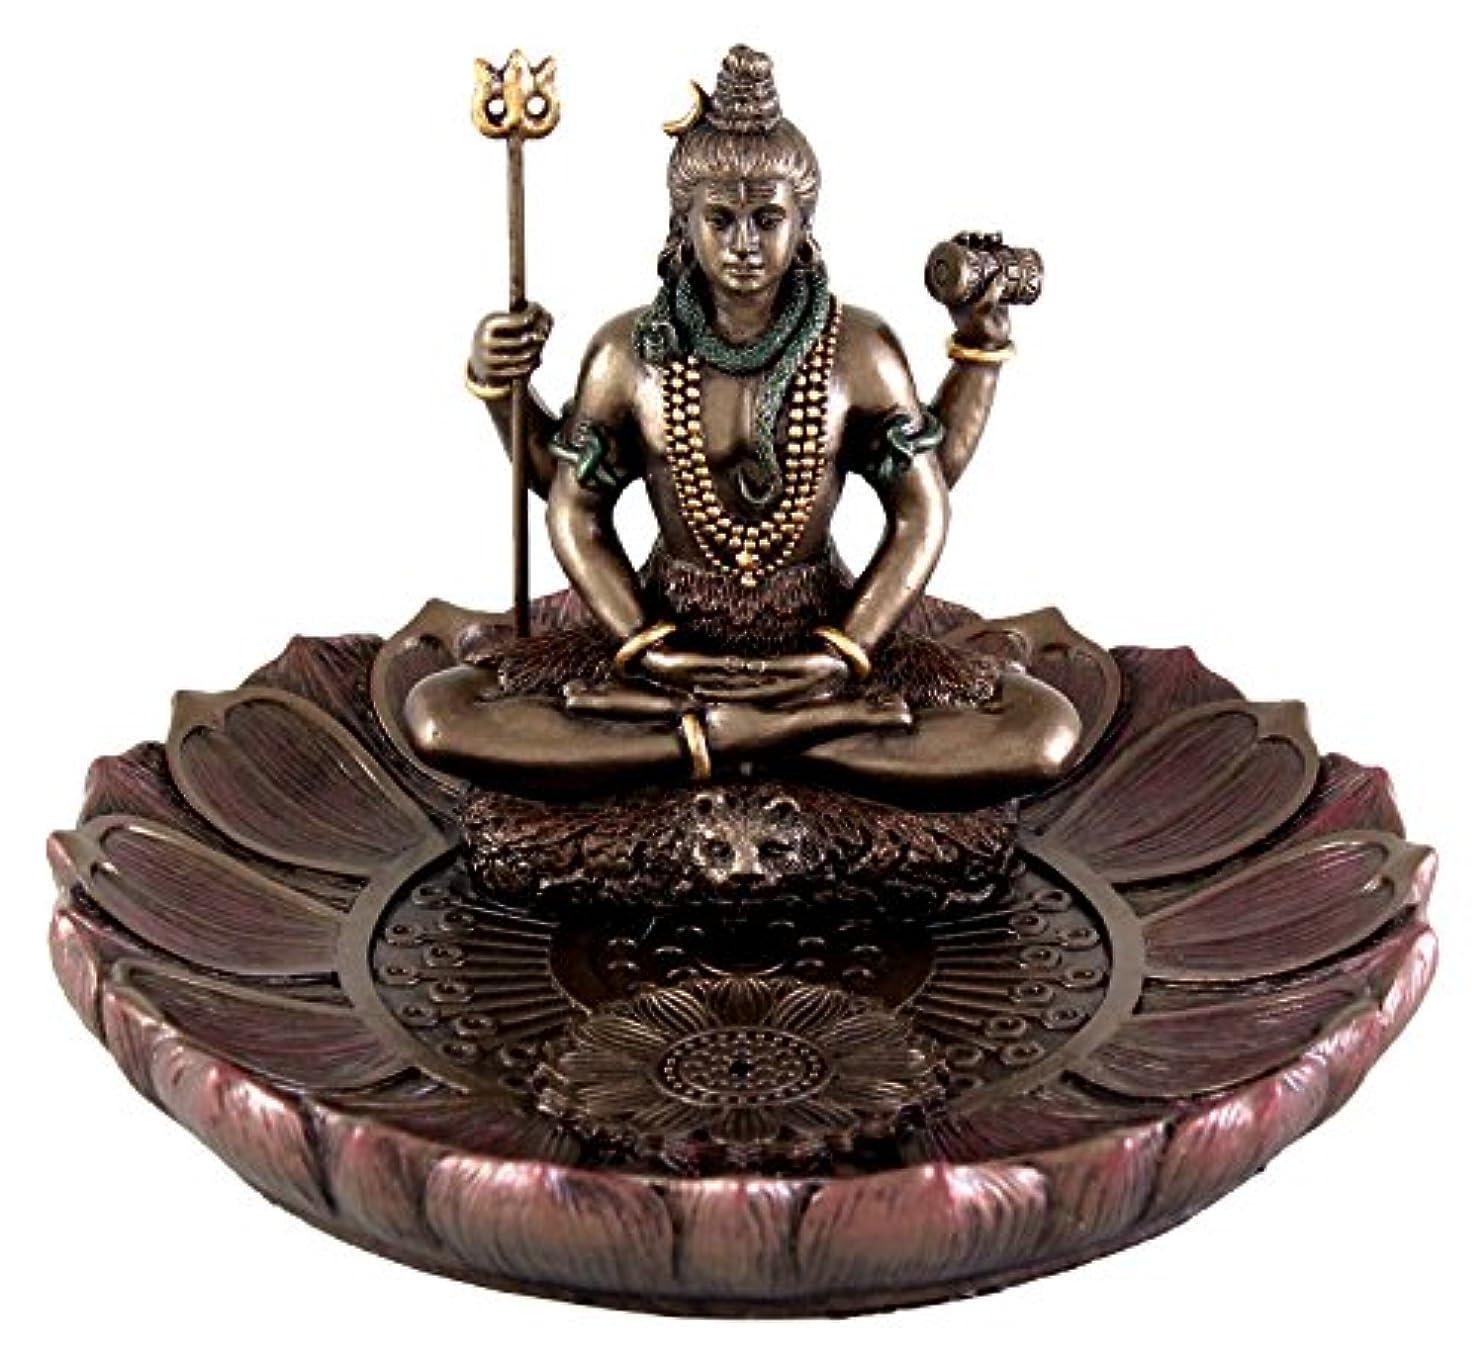 憂鬱な復活させる貯水池Hindu God Shiva in Meditation Round Incense Holder Plate Incense Burner by Top Collection